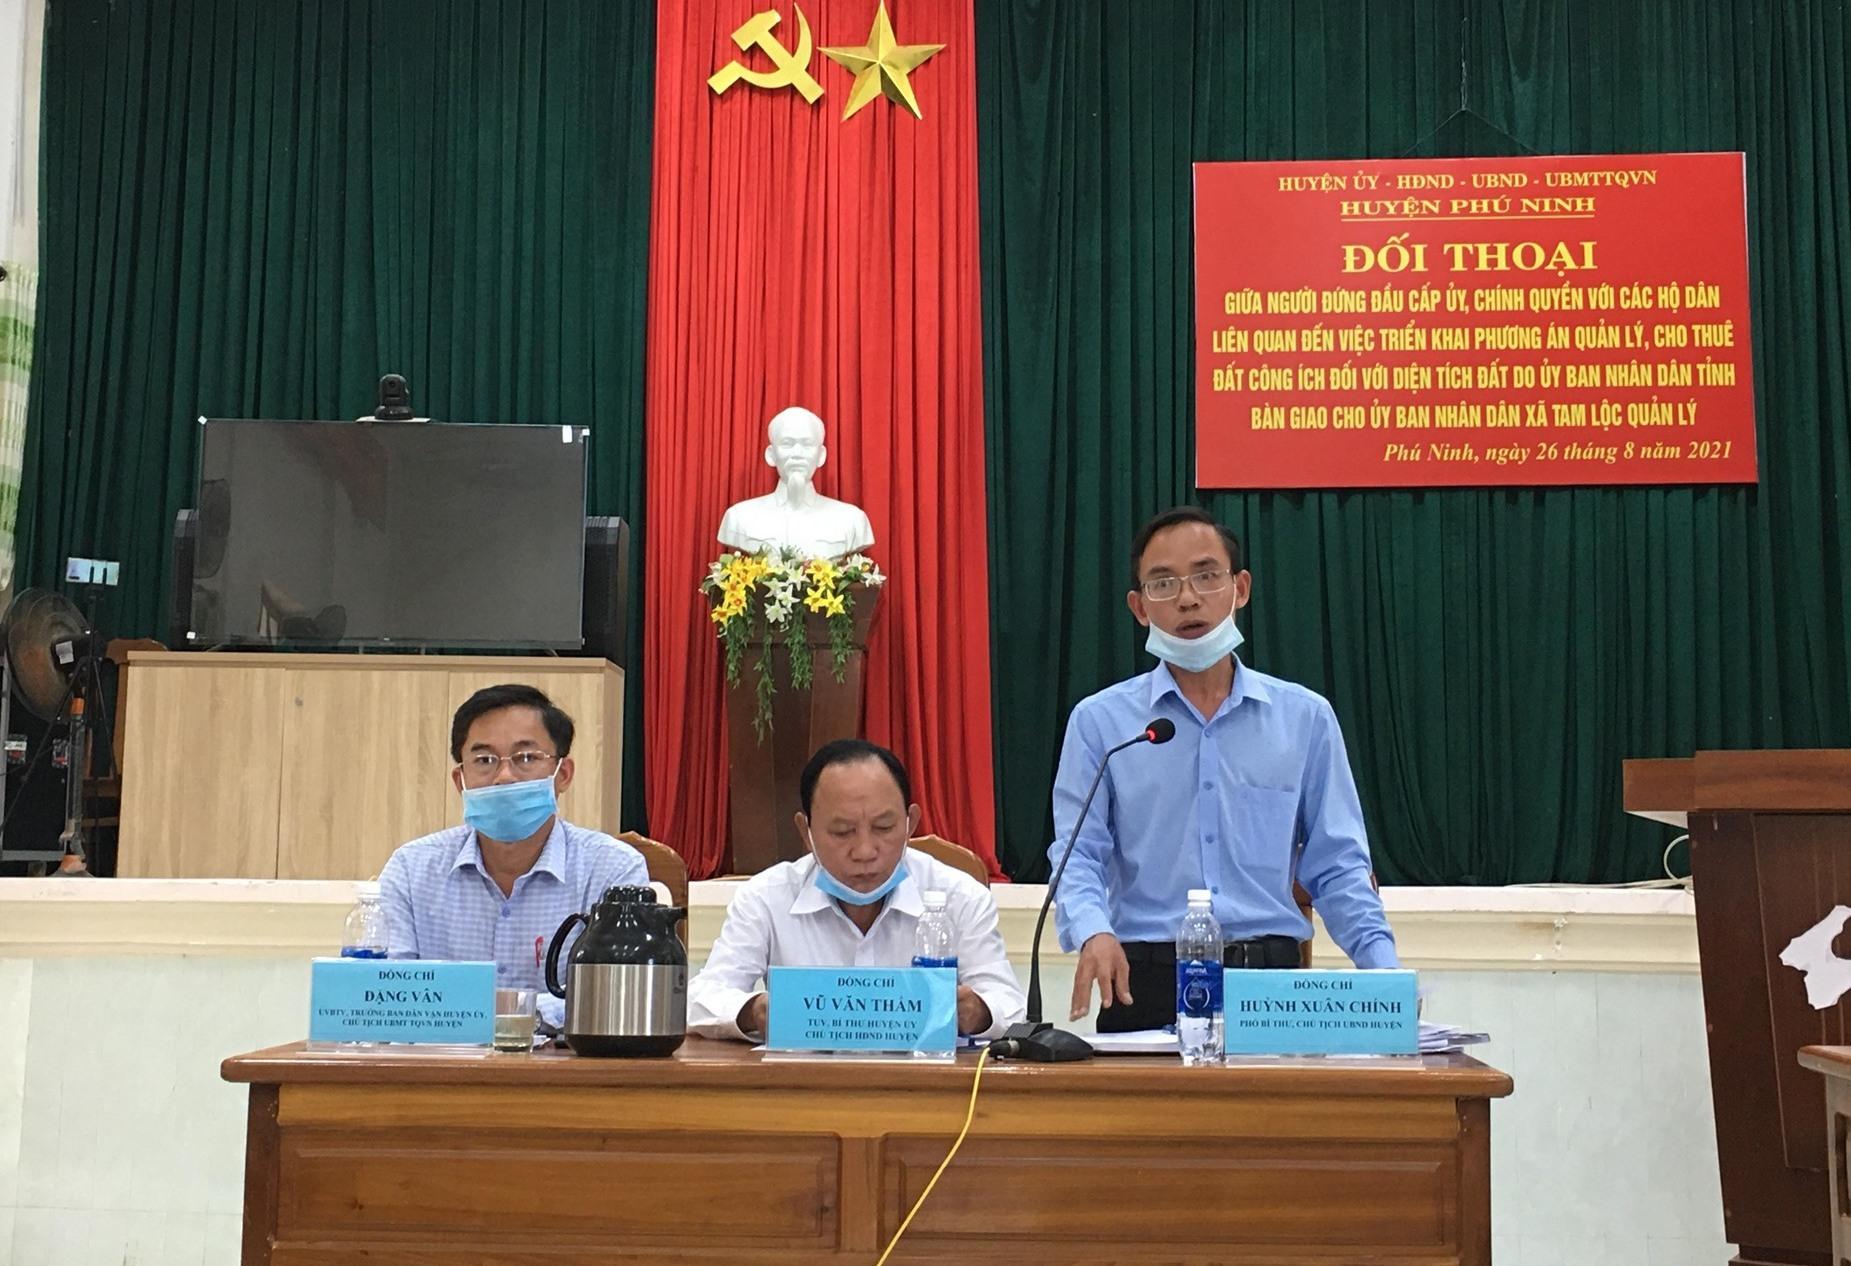 Chính quyền đề nghị người dân xã Tam Lộc cần hợp tác, cầu thị để tháo gỡ các vướng mắc liên quan. Ảnh: C.Đ